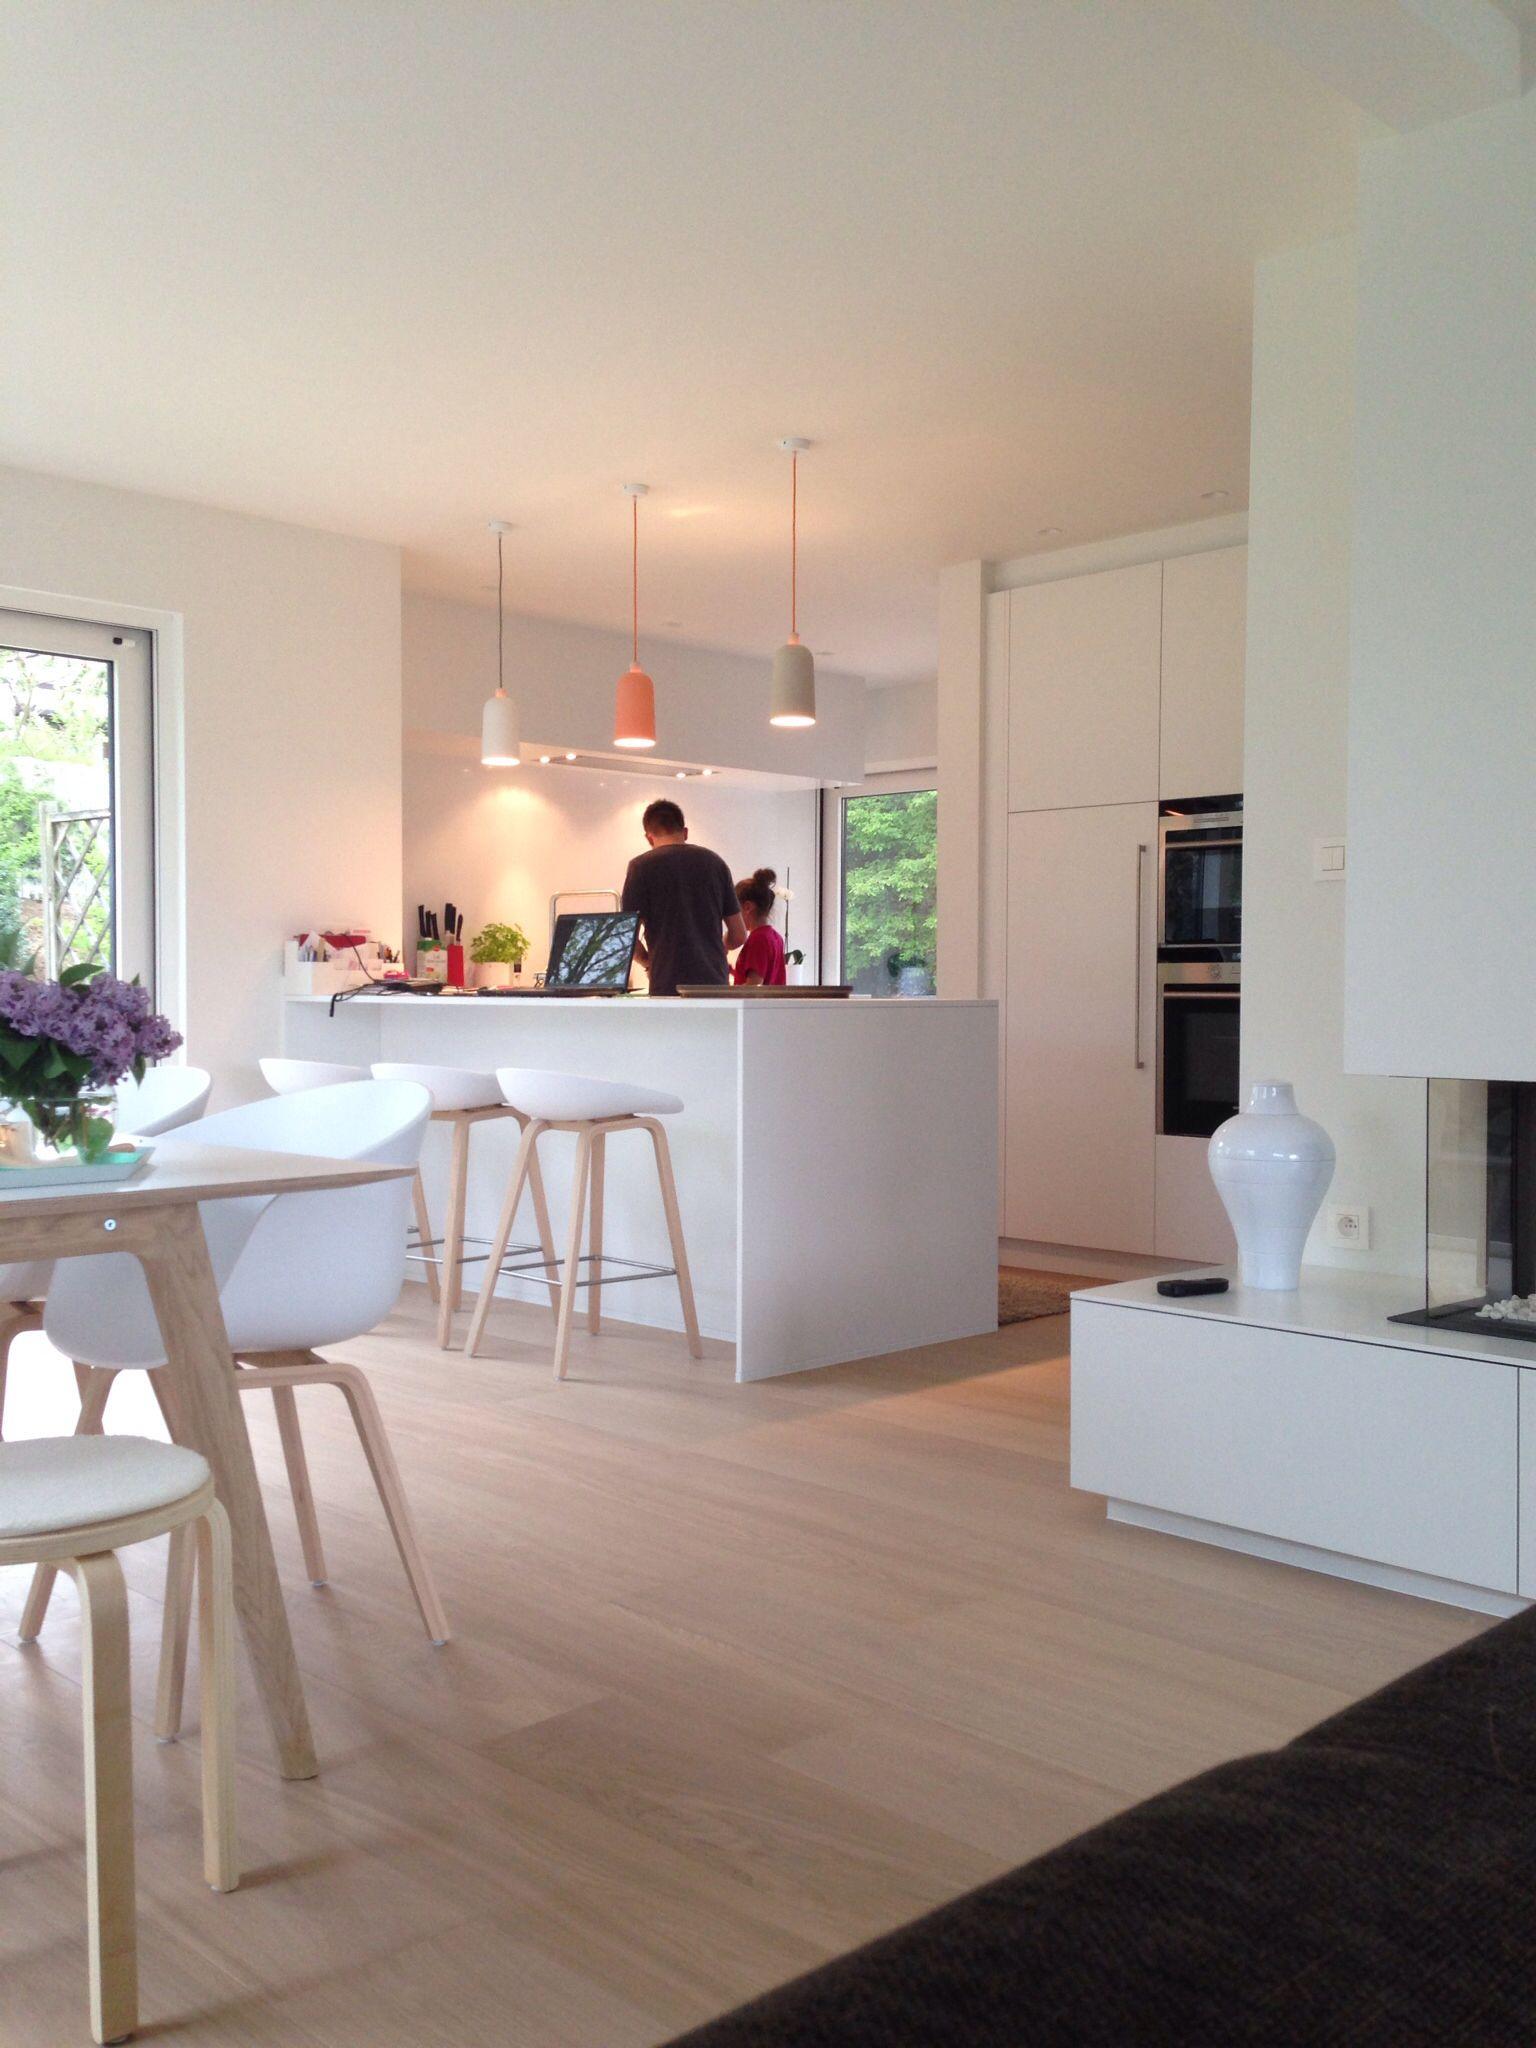 Abtrennung Küche inkl Lampen | Ikea | Taburetes cocina, Cocinas en u ...